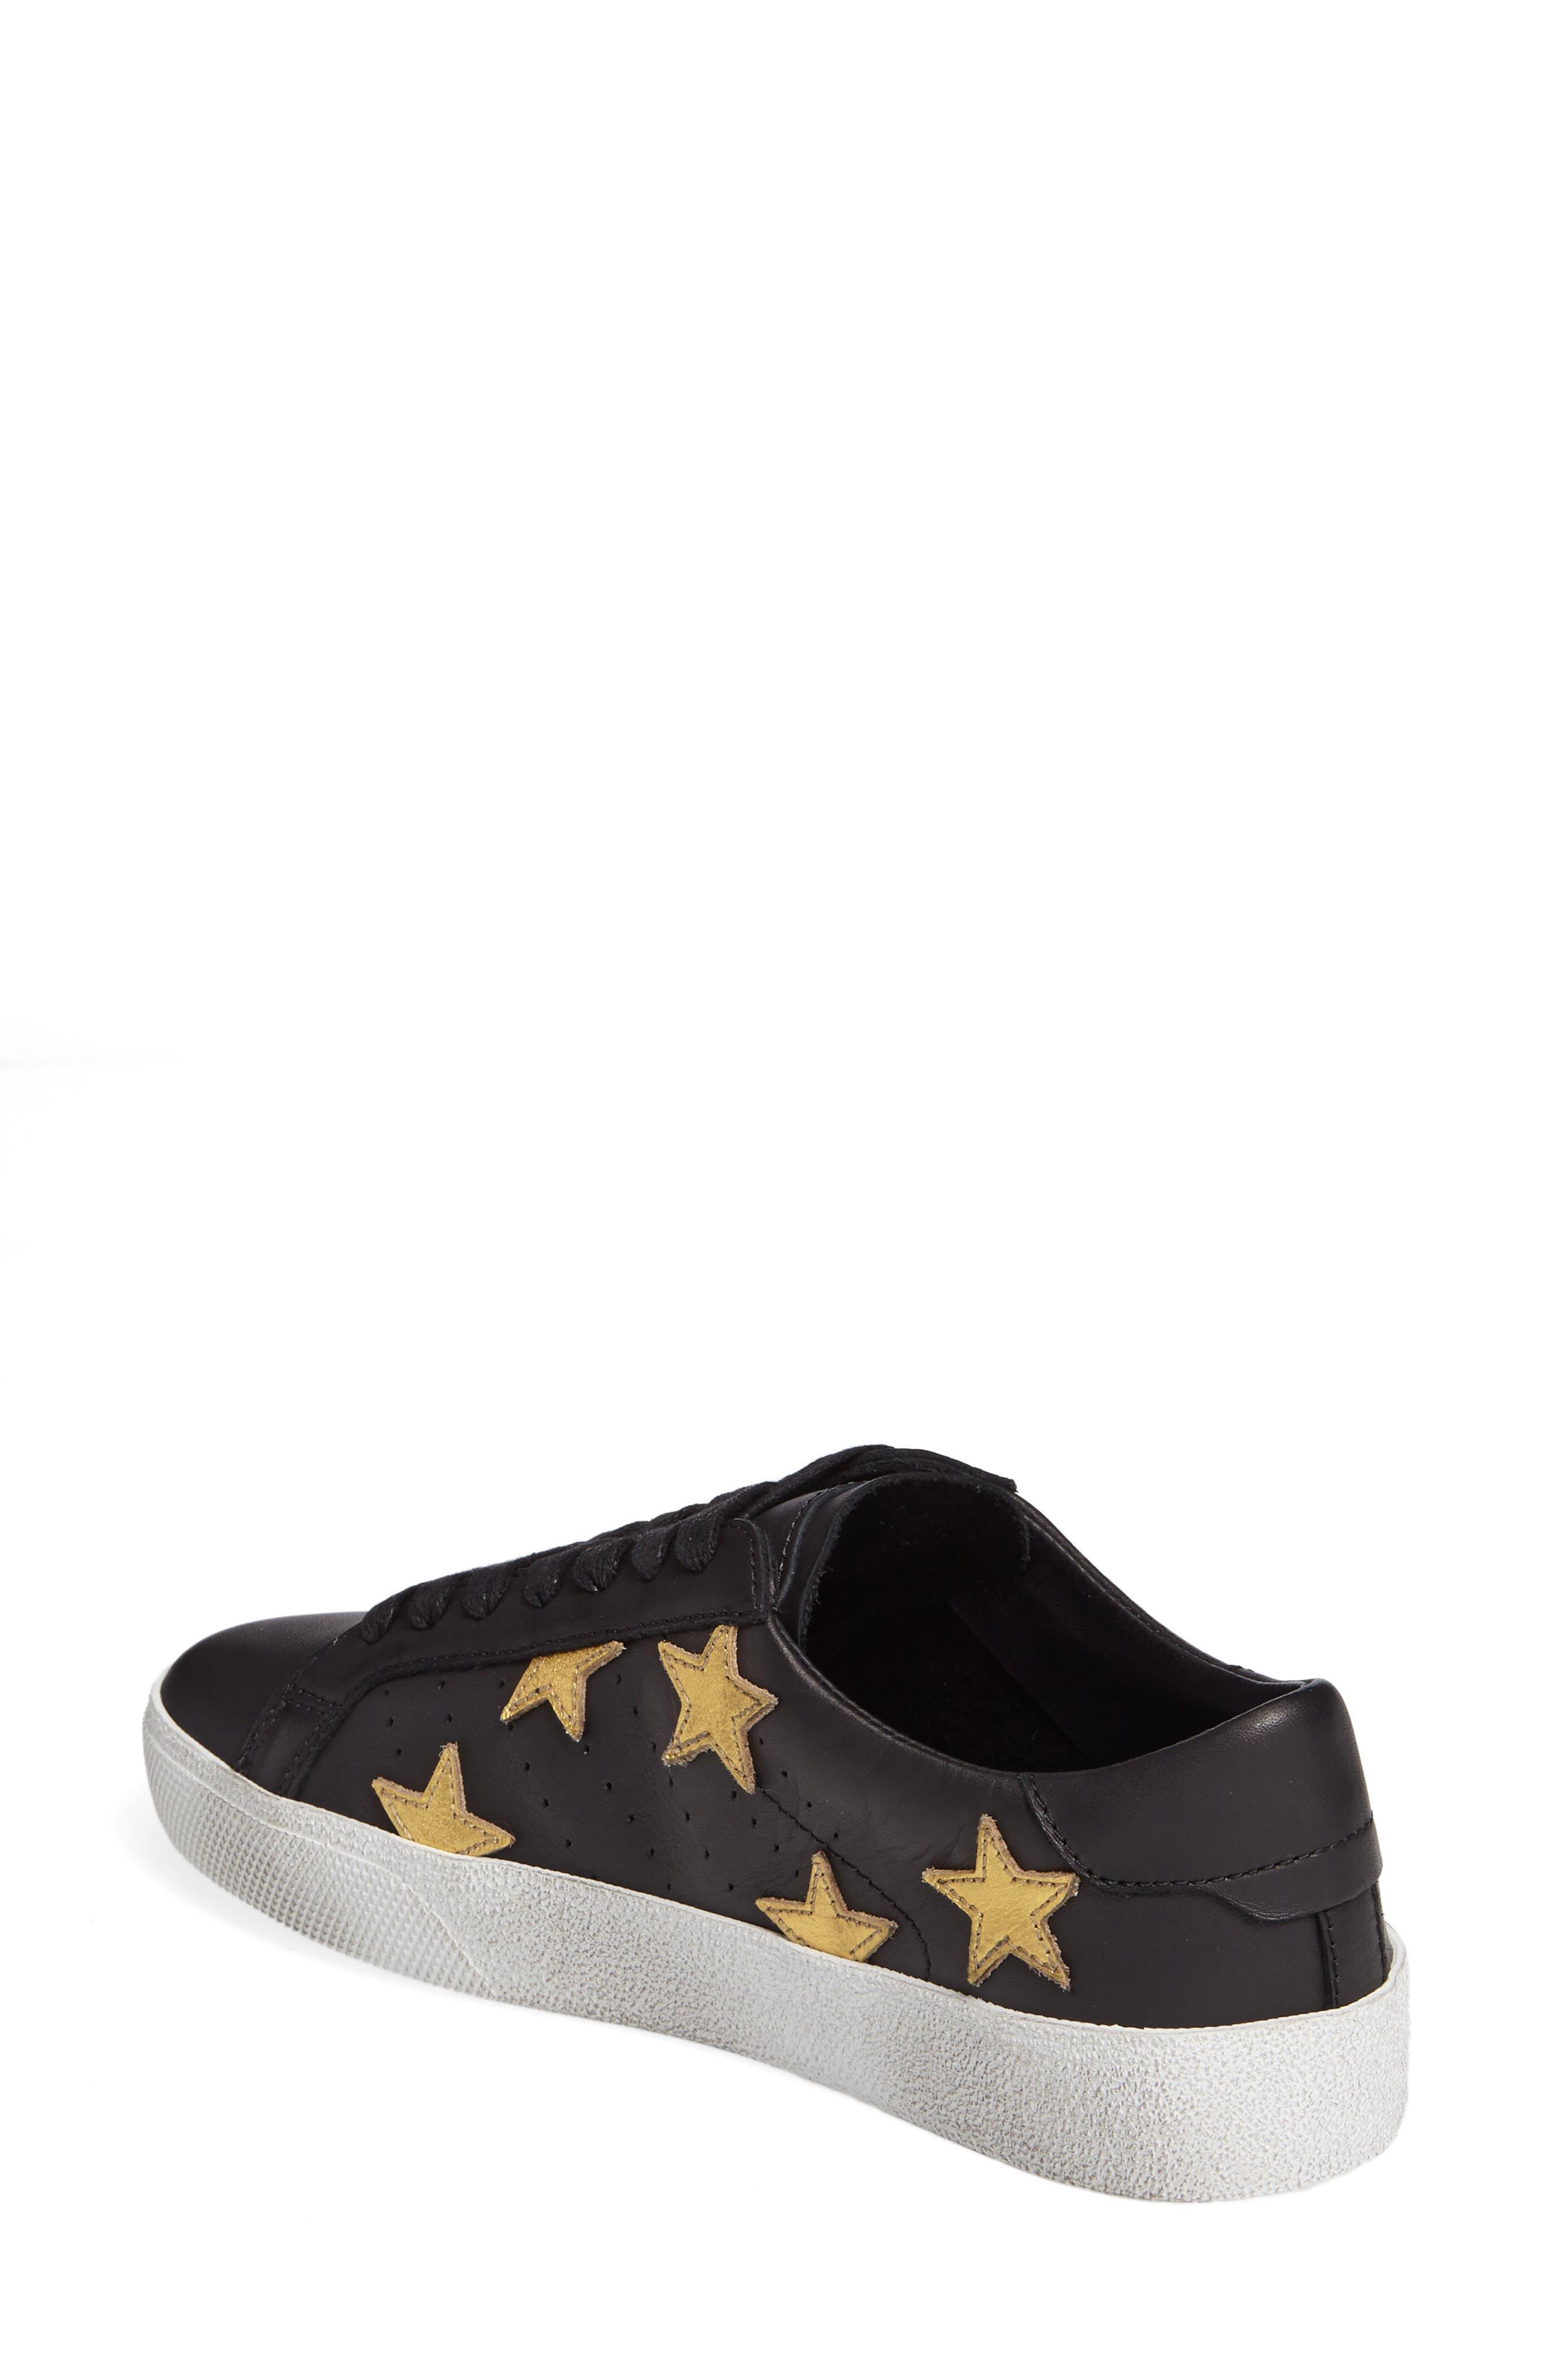 Callback Star Sneaker,                             Alternate thumbnail 2, color,                             002